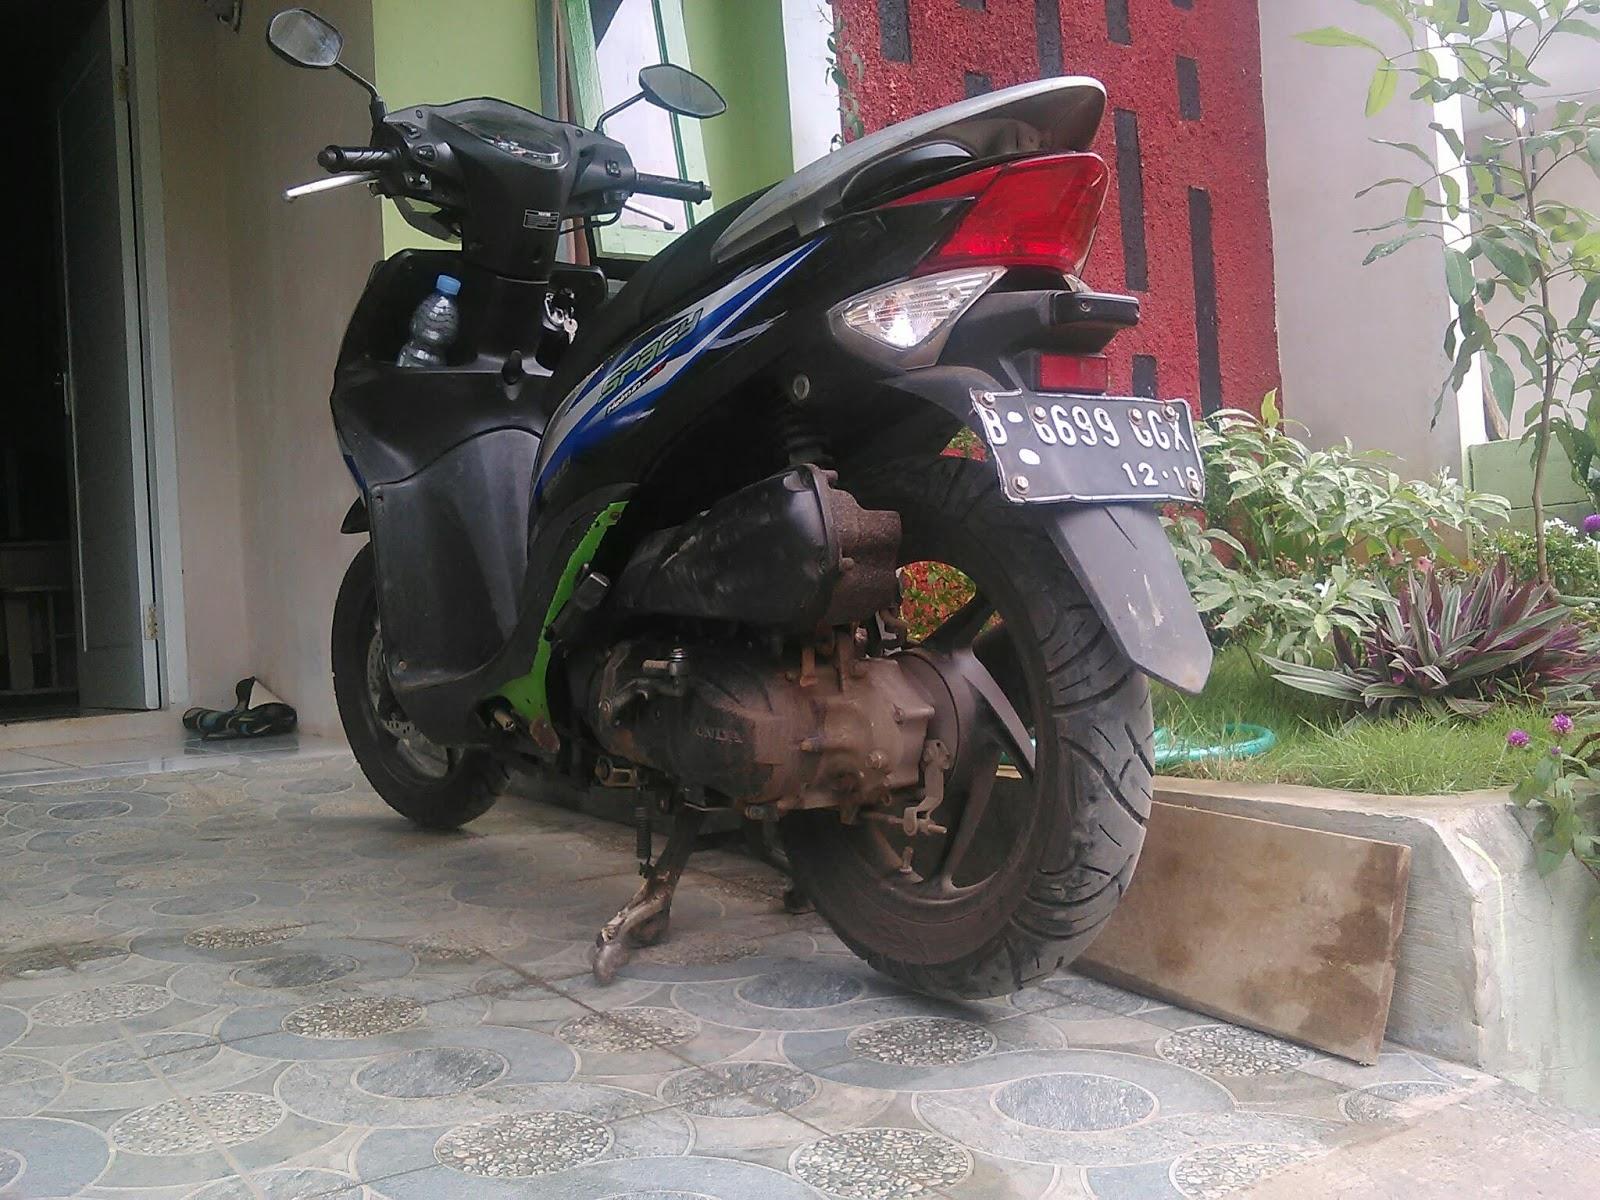 Modifikasi Kecil Honda Spacy Agar Tidak Mentok Polisi Tidur